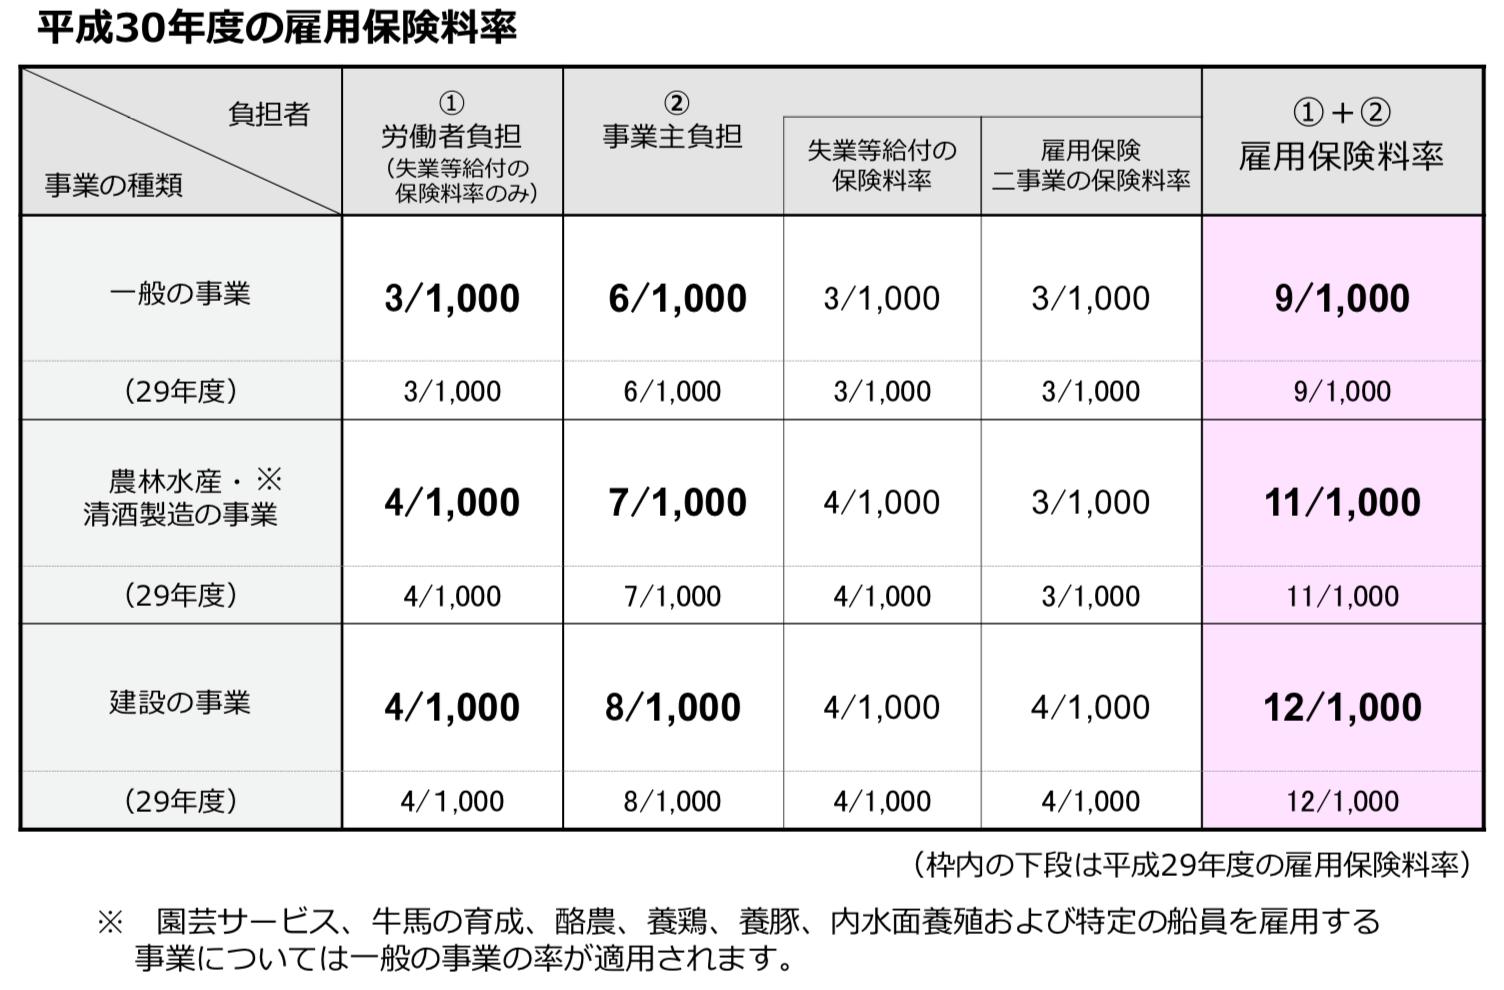 医療費の自己負担 厚生労働省 - mhlw.go.jp